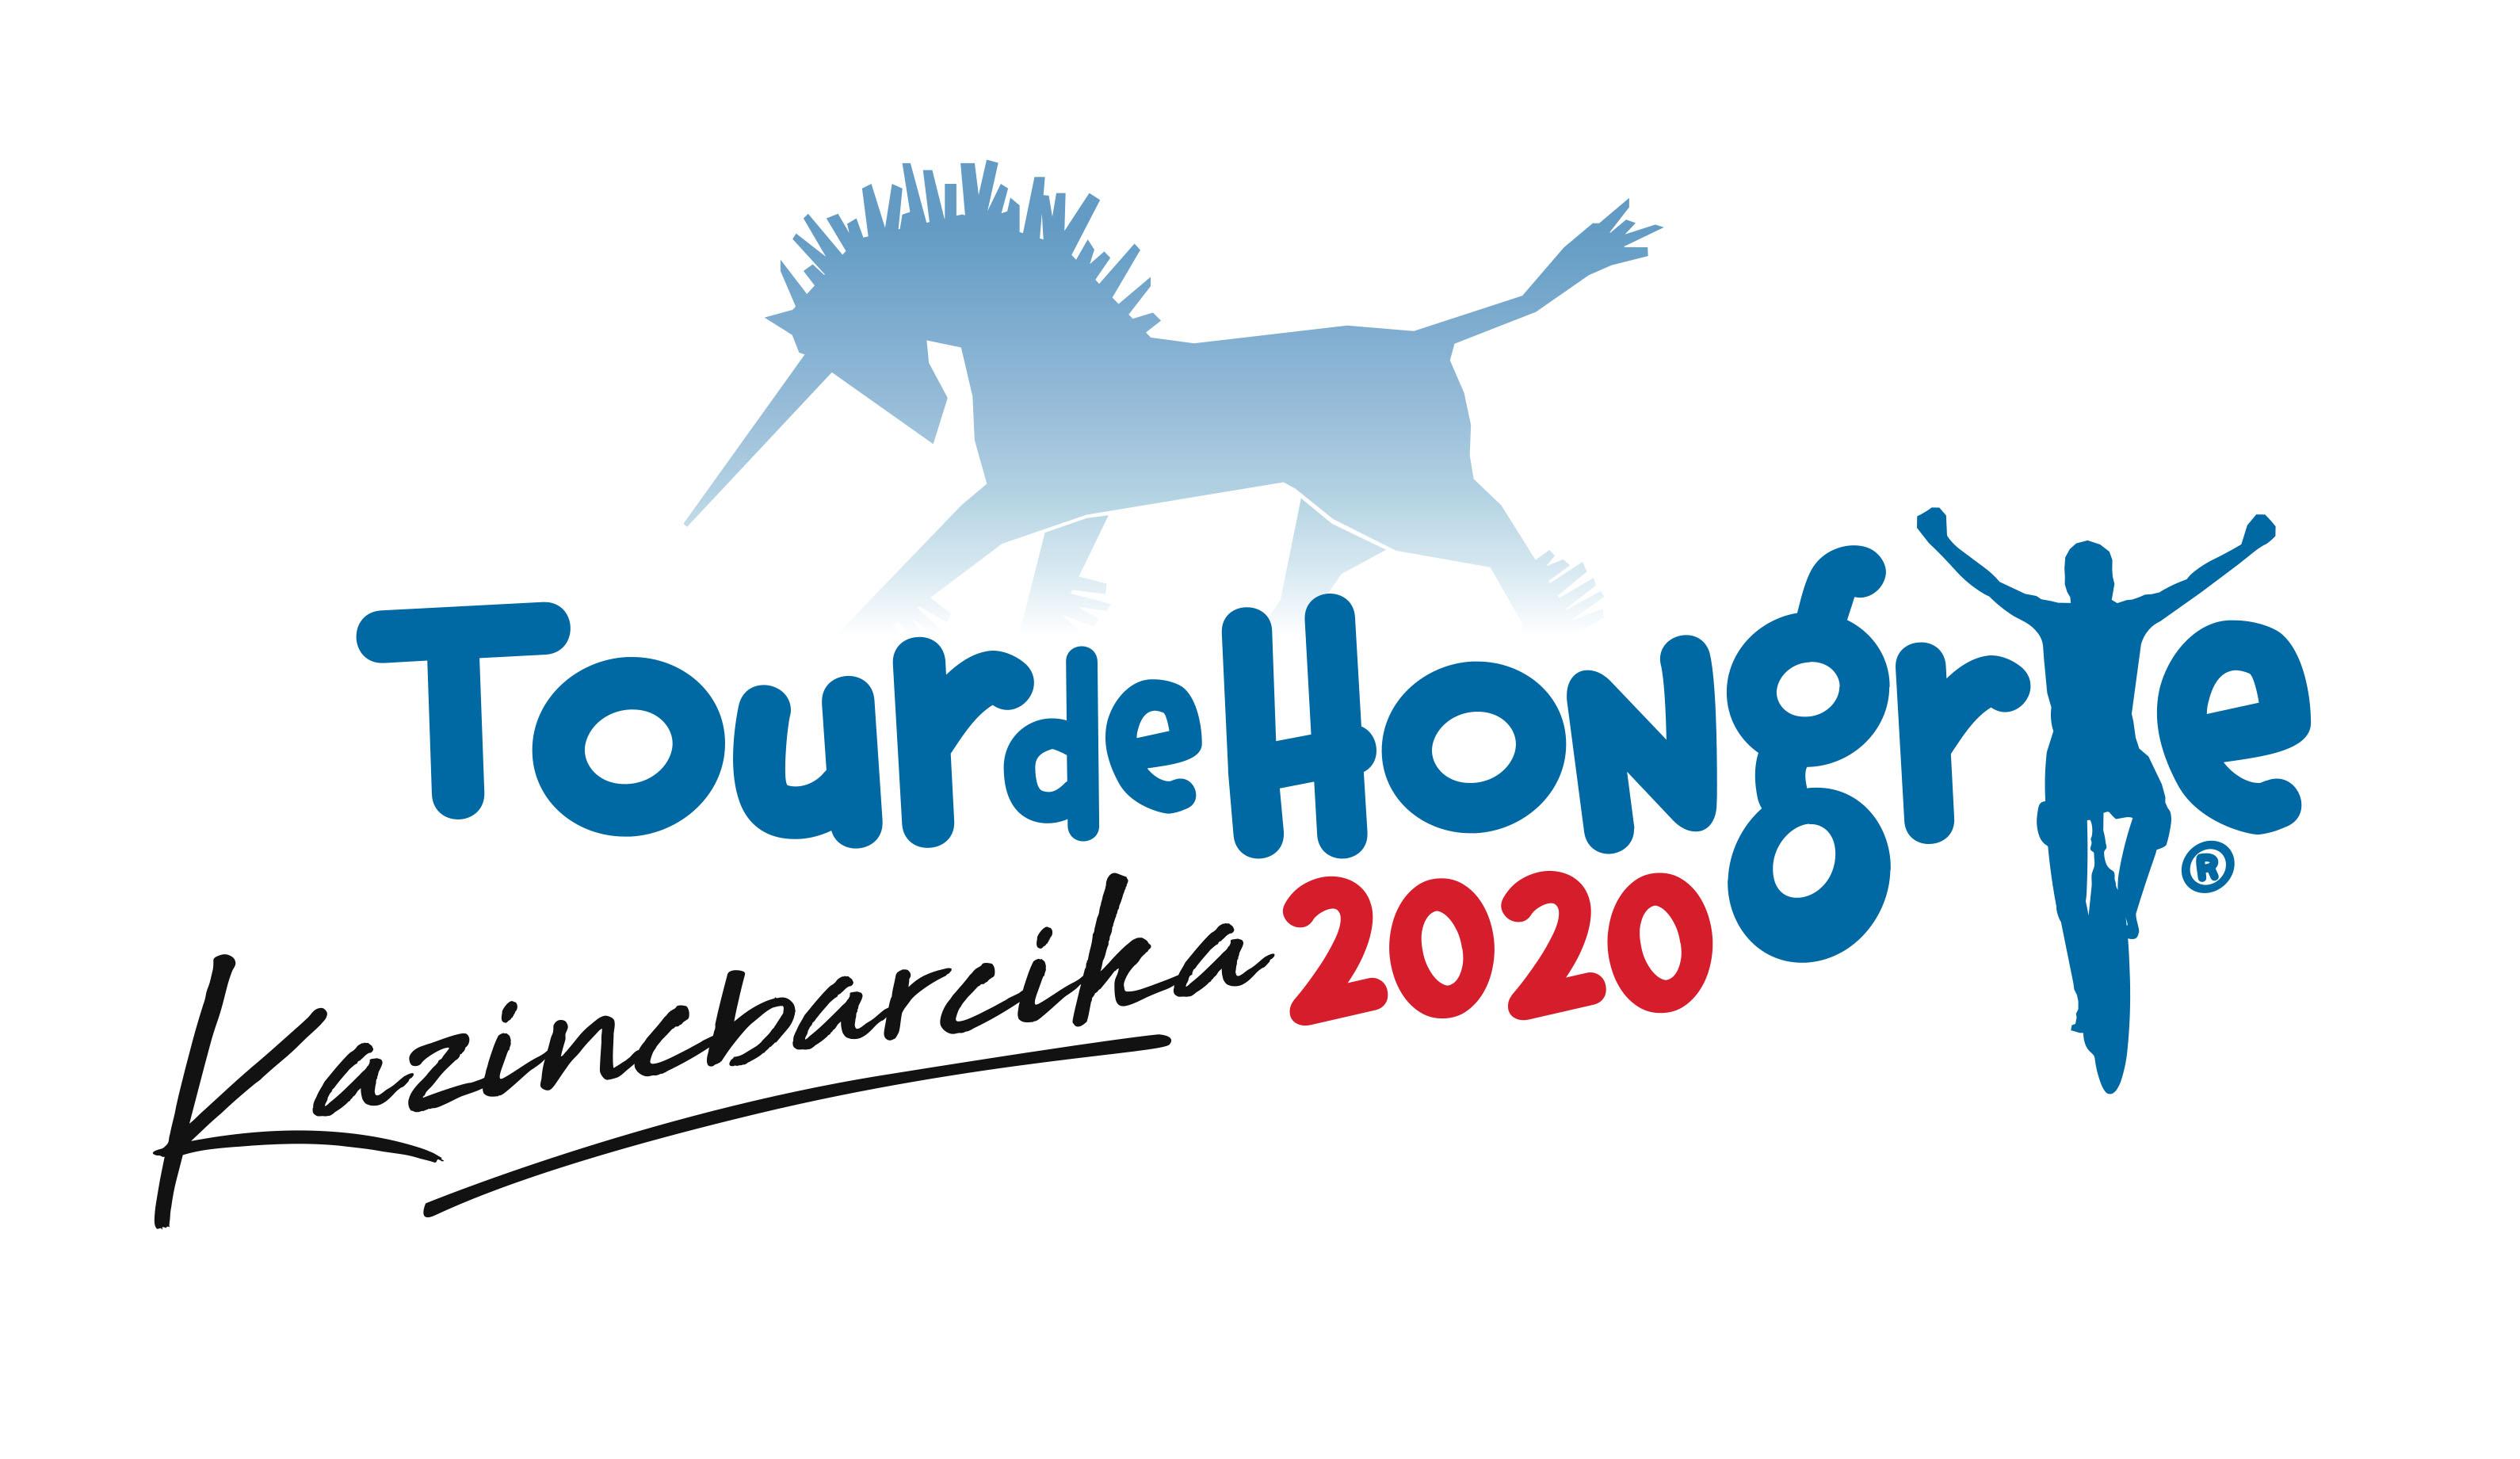 https://kolorline.hu/Tour de Hongrie - A negyedik szakasz célállomása Kazincbarcika